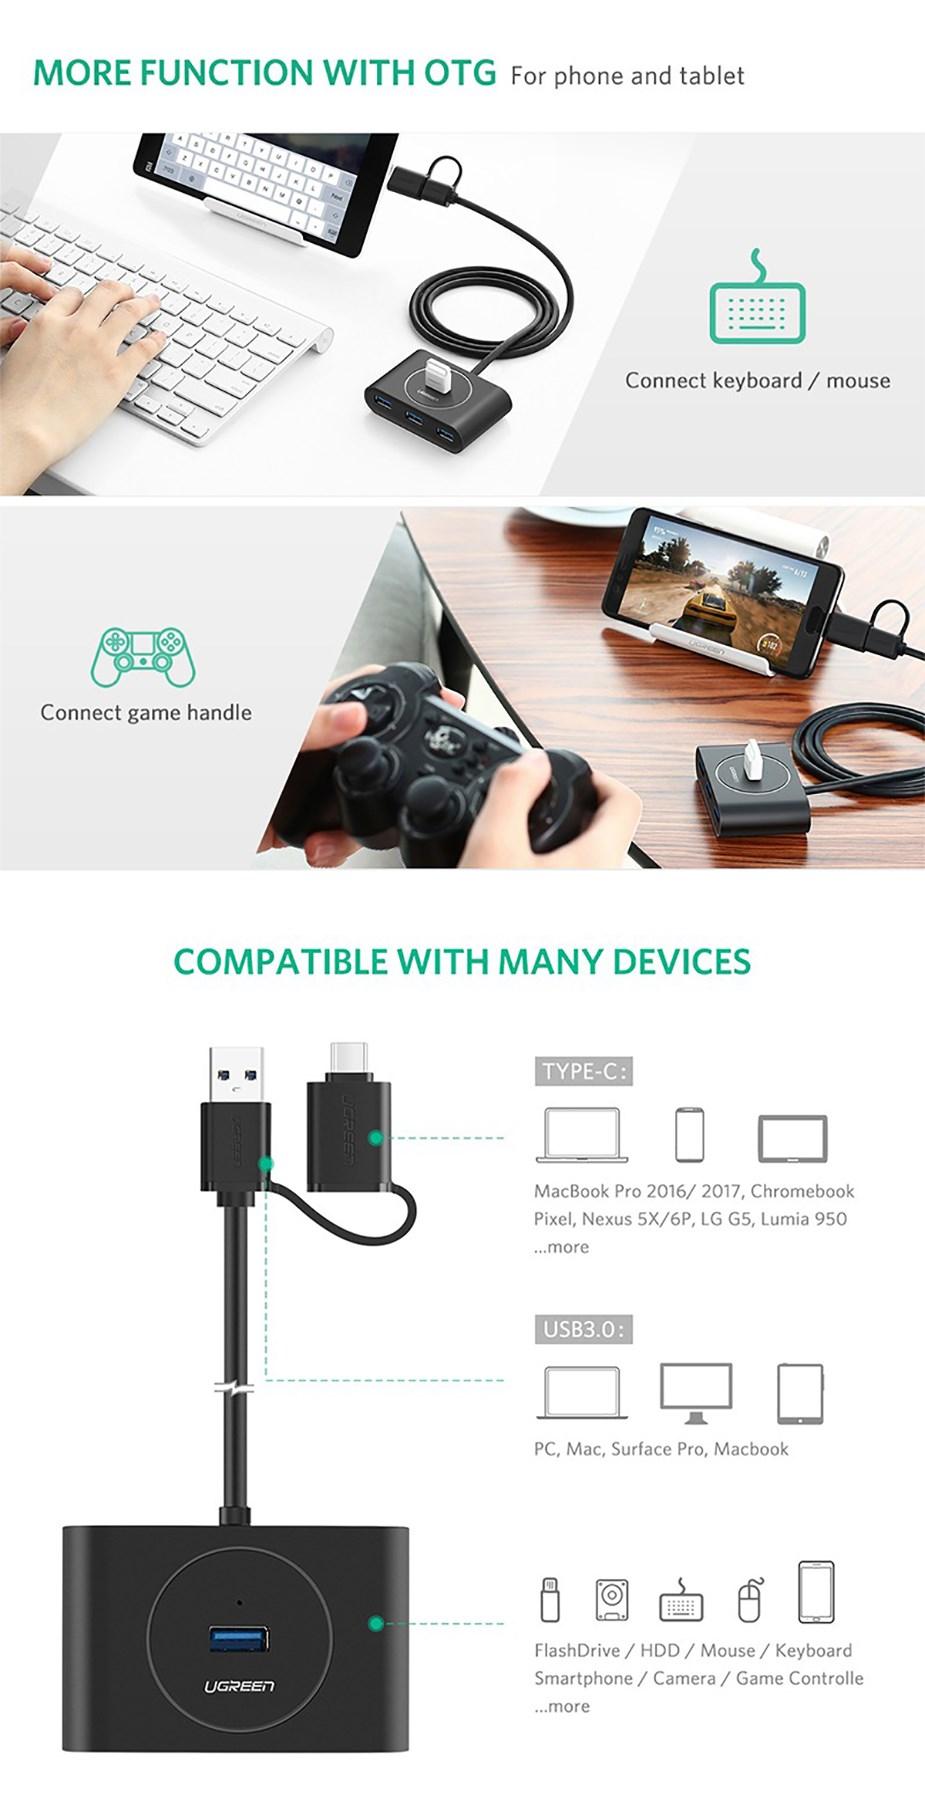 Bộ Chia USB 3.0 4 Cổng - Kết Hợp USB Type - C Ra 4 Cổng USB 3.0 Ugreen - Hàng Chính Hãng